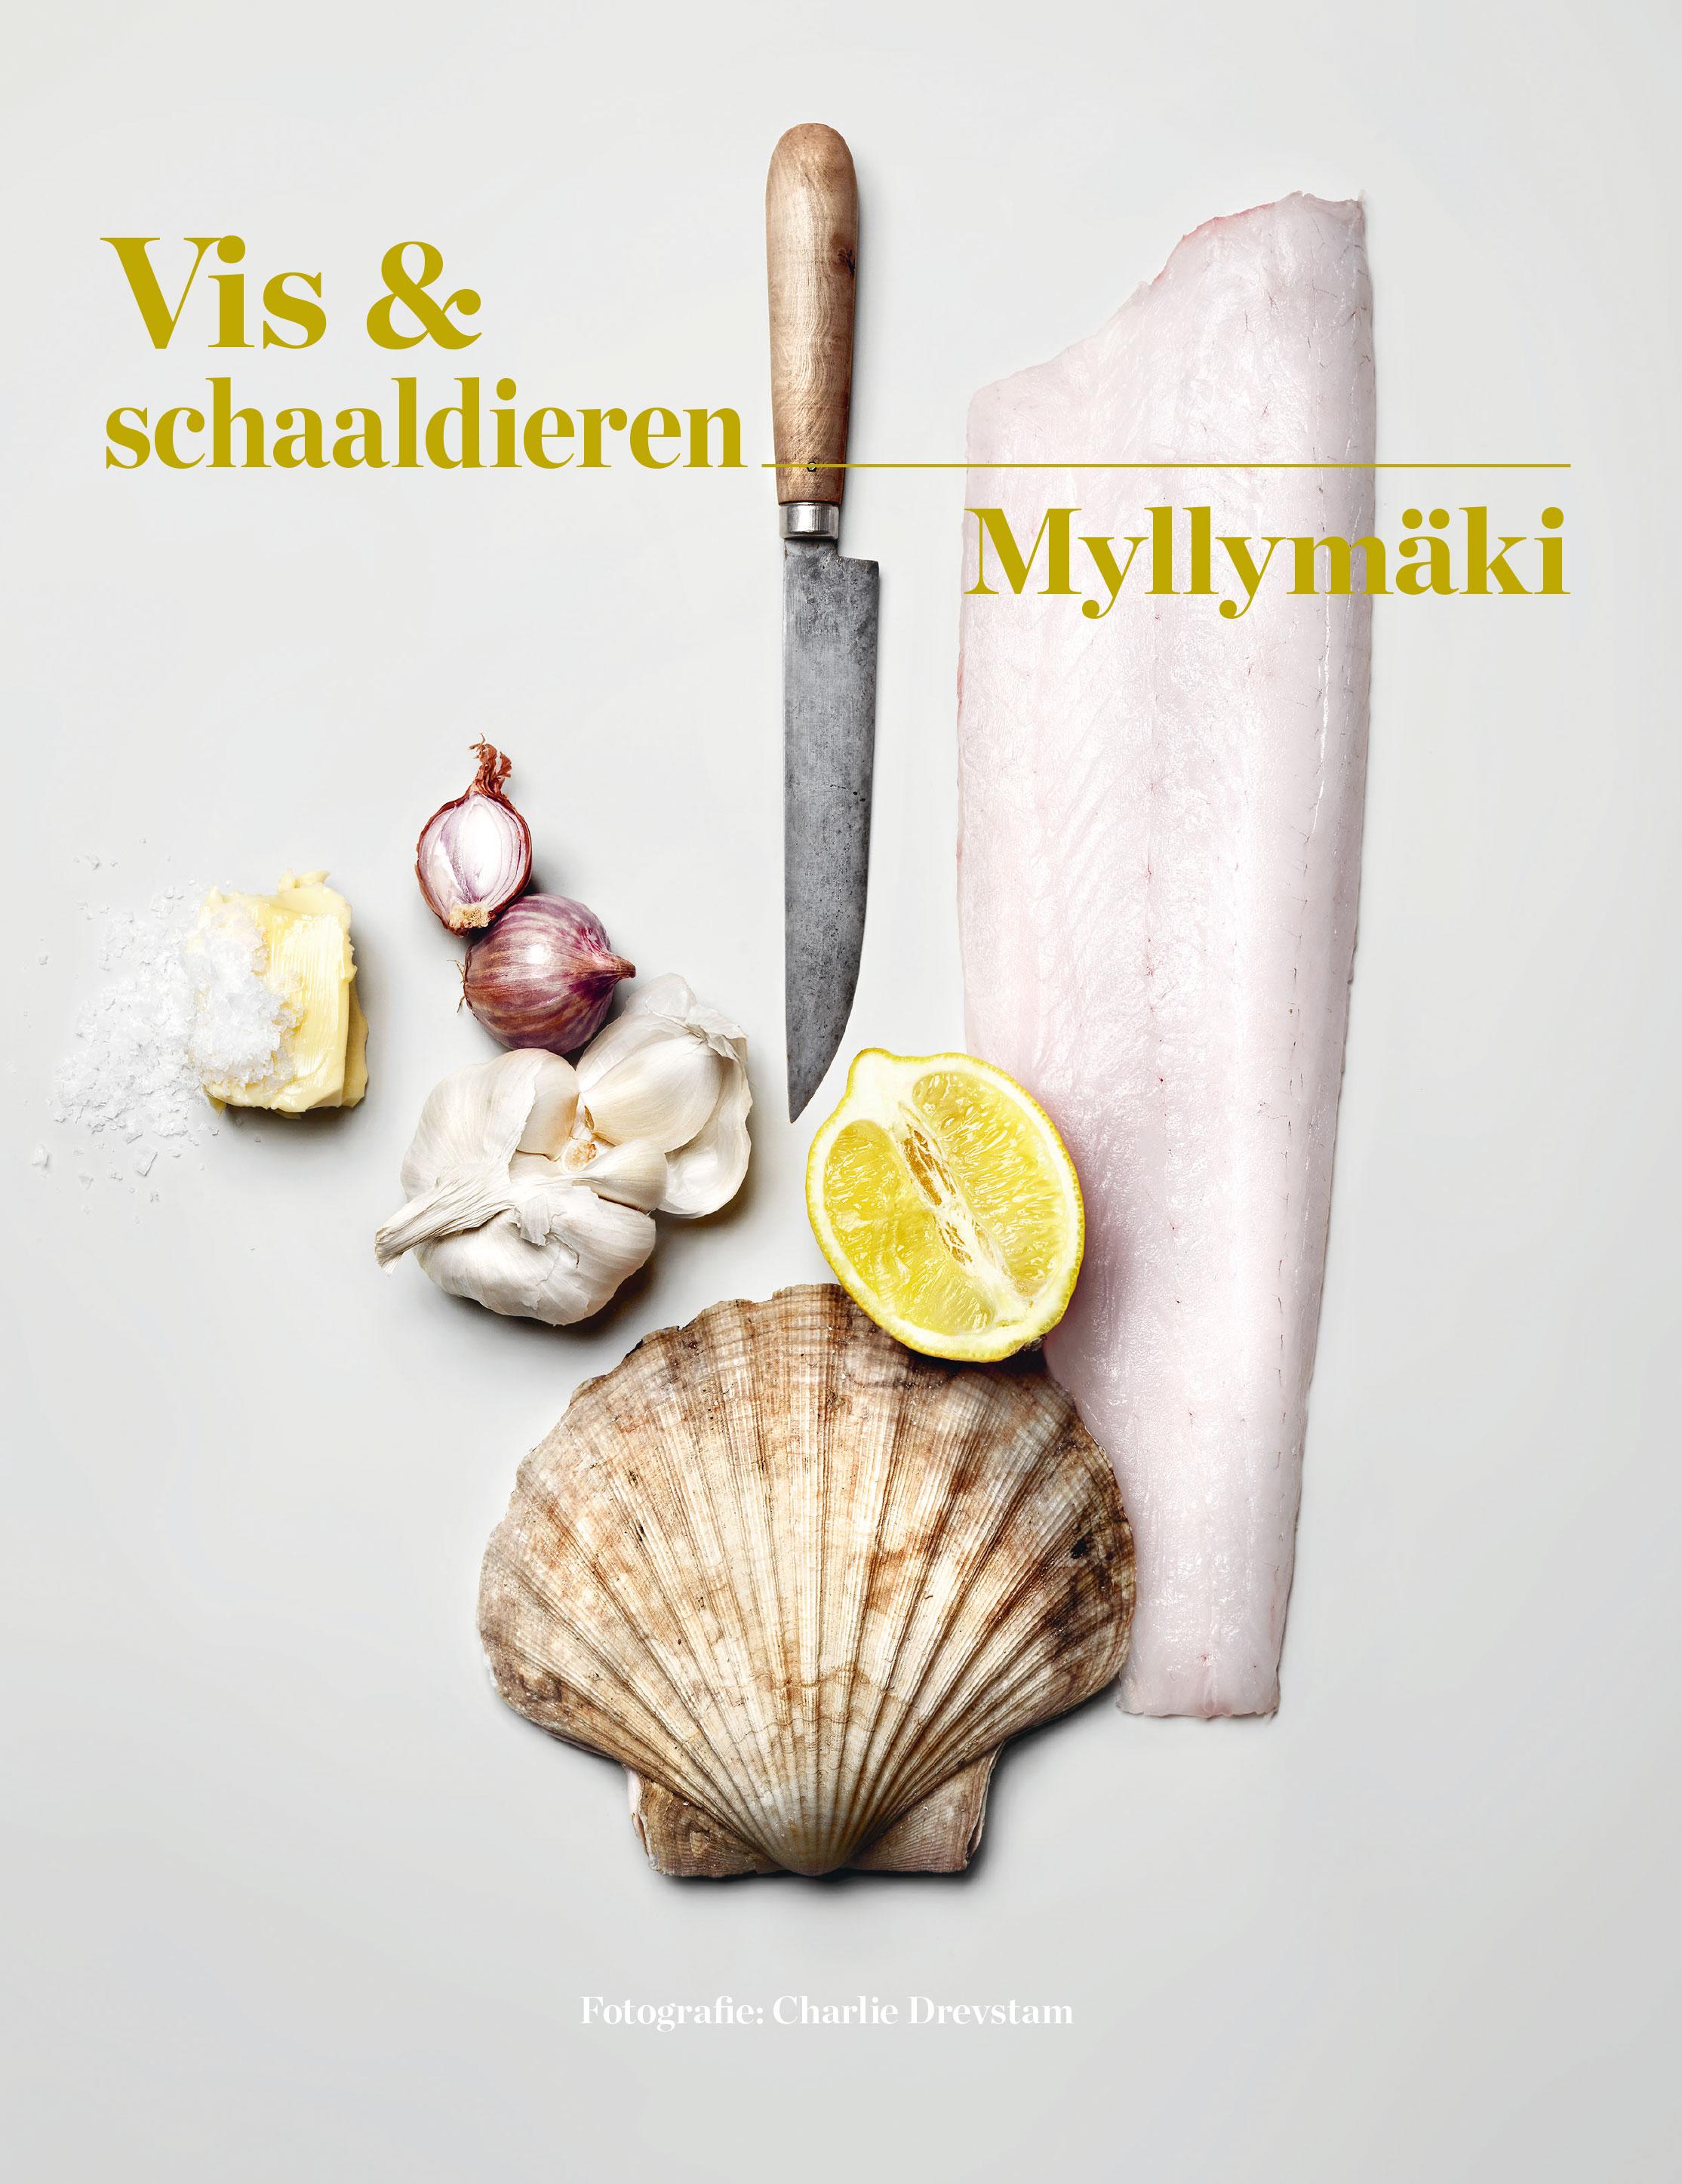 Myllymaki Vis en schaaldieren